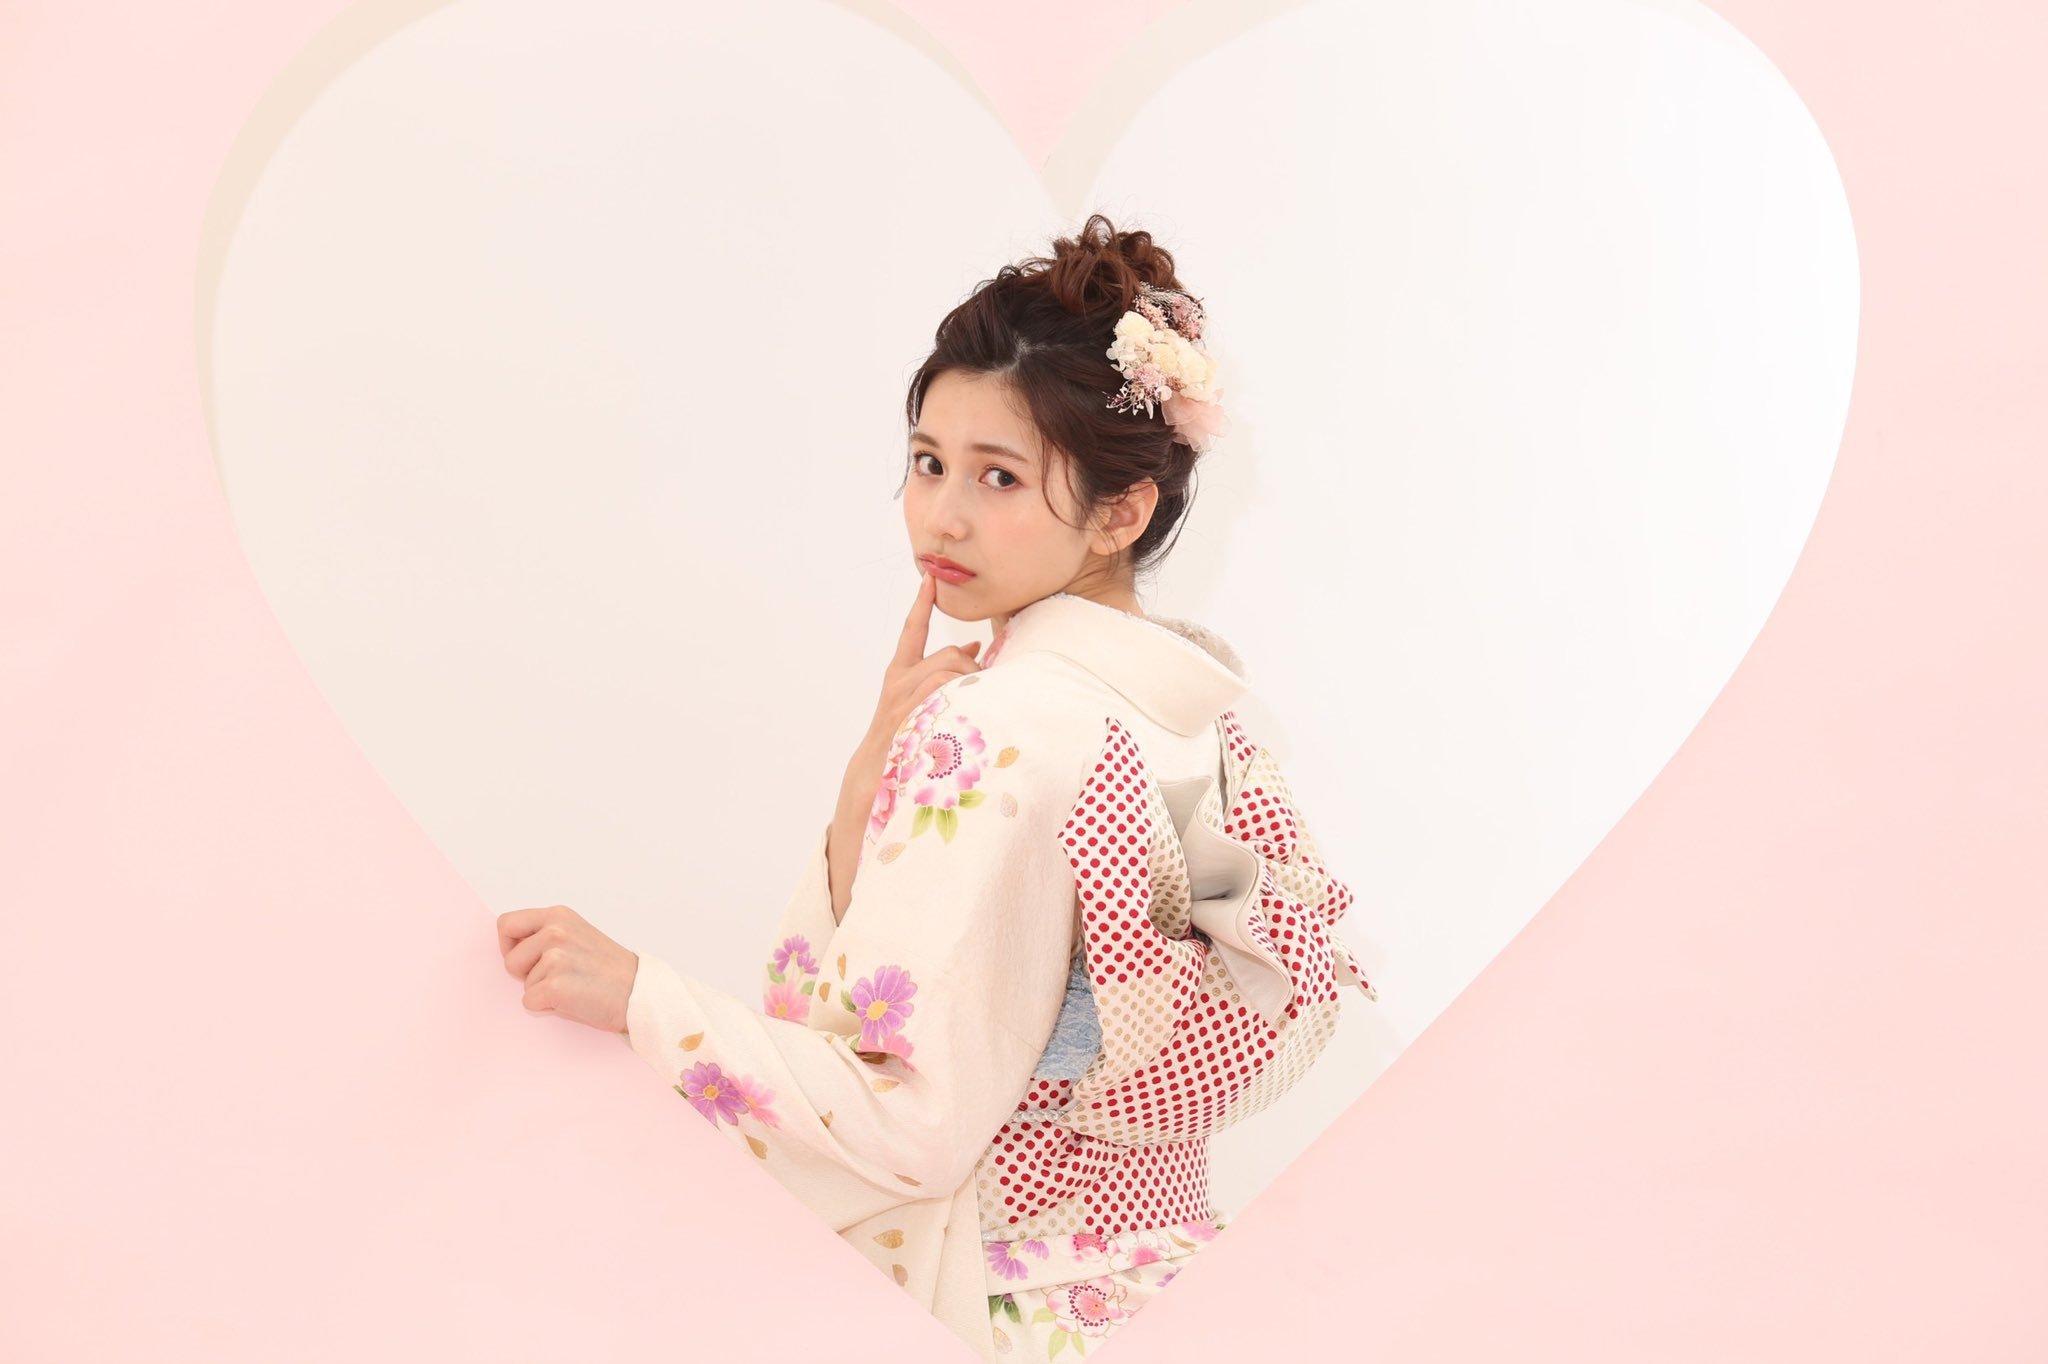 [日本]2020年杂志选美冠军新井遥超嫩脸蛋迷倒众人 养眼图片 第2张